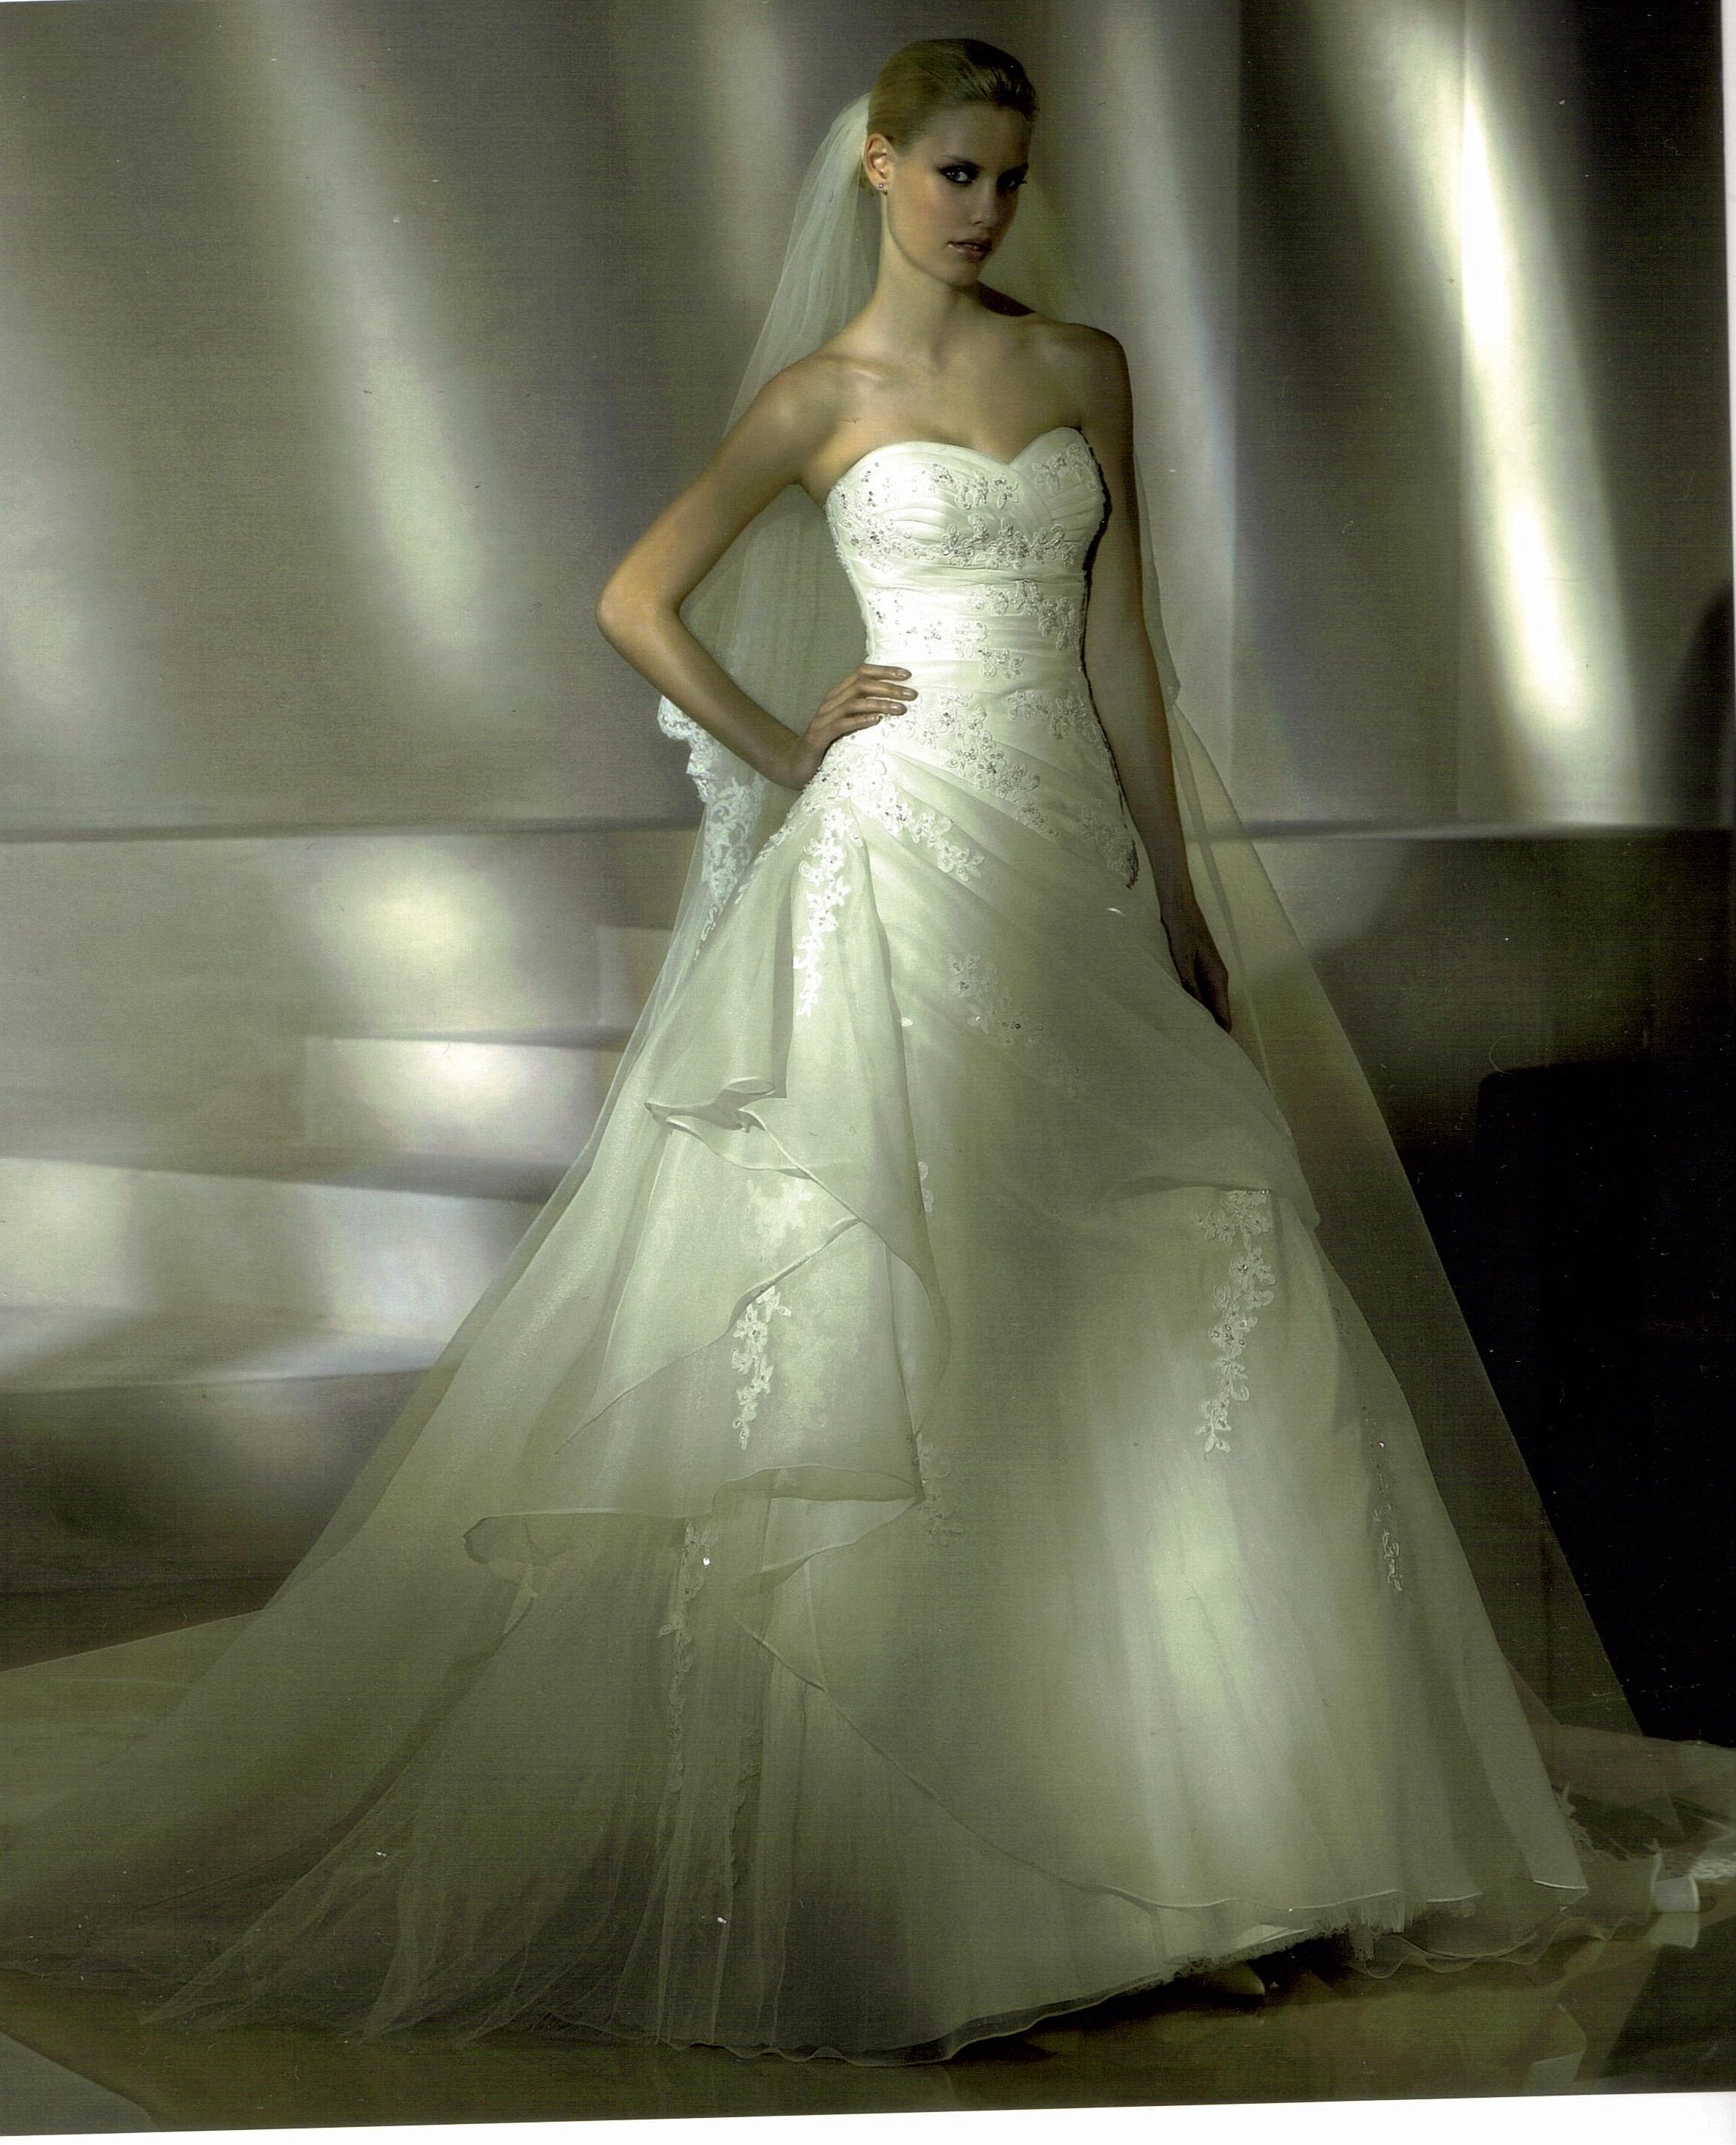 96ef2cb9a2 Menyasszonyi esküvői ruha kölcsönzés bérlés veszprém pápa zirc várpalota  fehérvár balatonfüred ajka tapolca evelin ruhaszalon